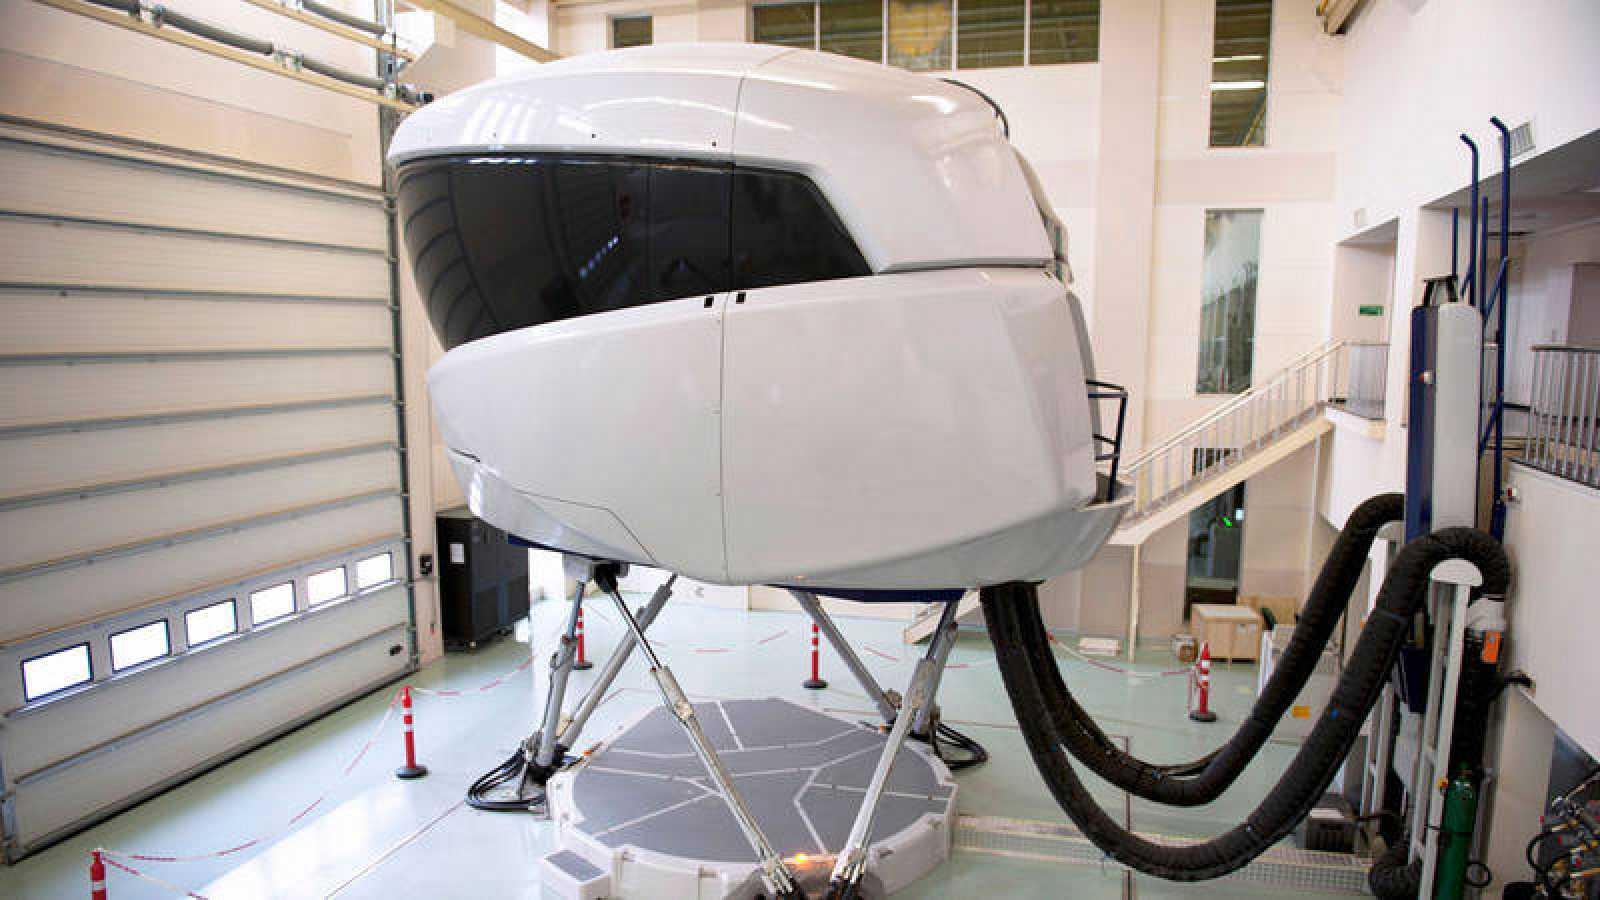 La mayoría de los pilotos de aerolíneas comerciales se someten a cursos formativos de refresco con simuladores cada seis meses.